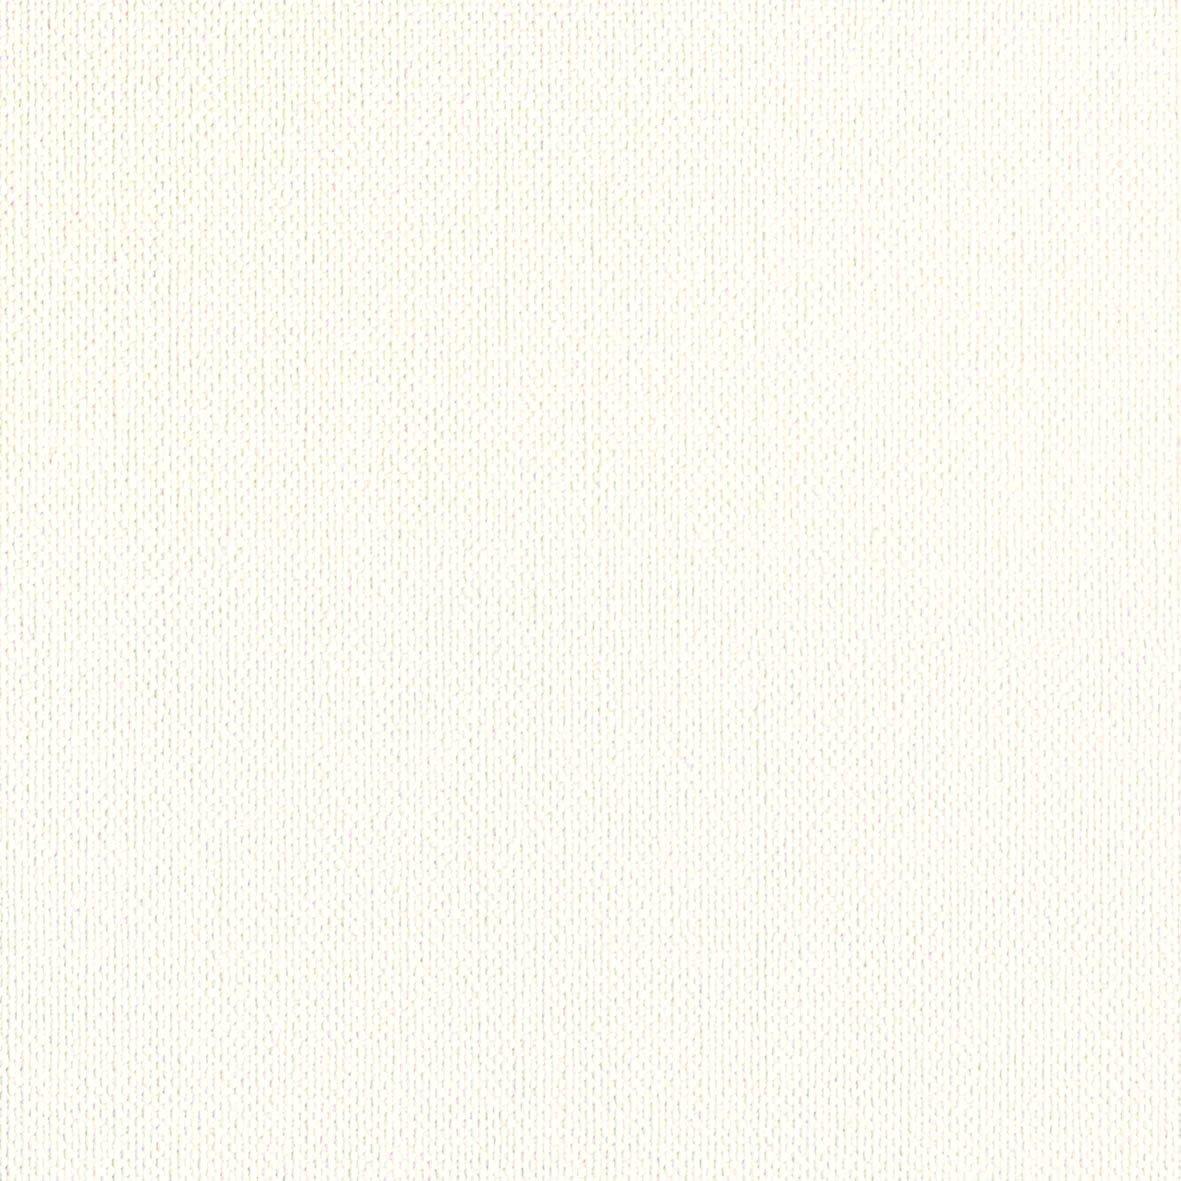 リリカラ 壁紙35m シンフル 織物調 ホワイト LL-8239 B01MQFJ8N7 35m|ホワイト